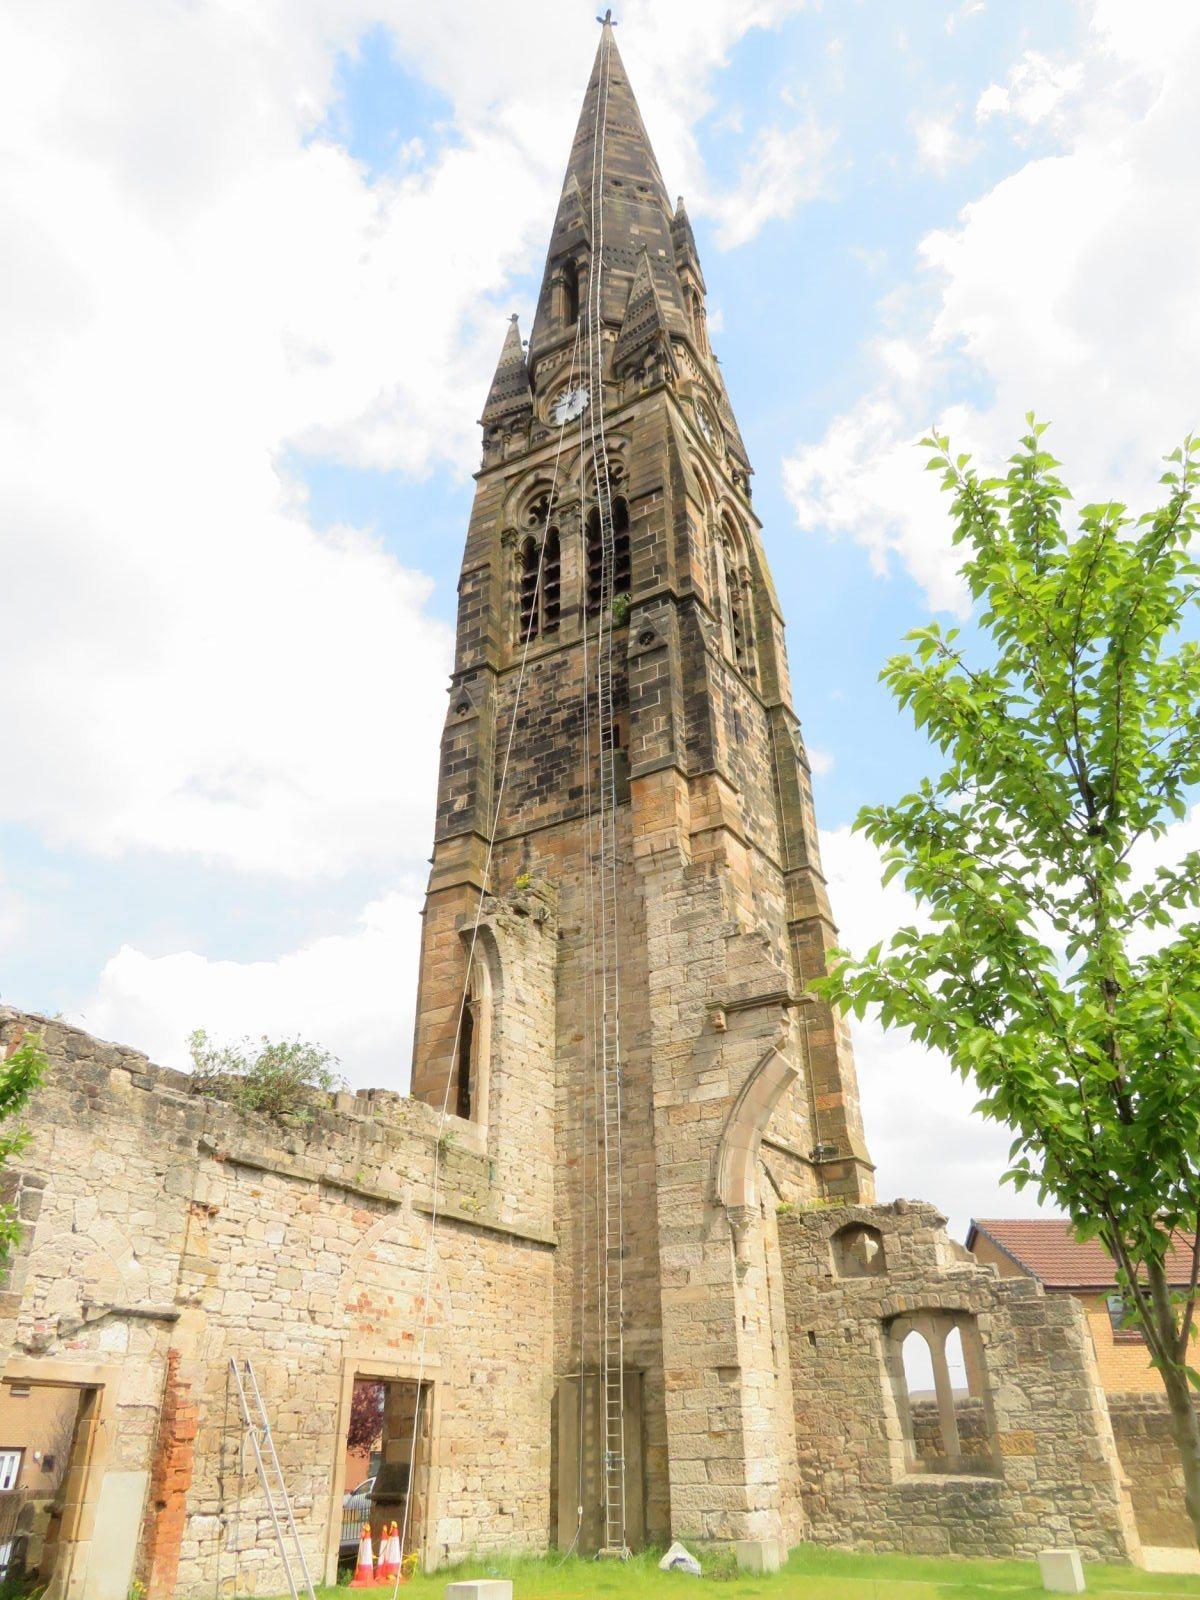 190 foot church spire